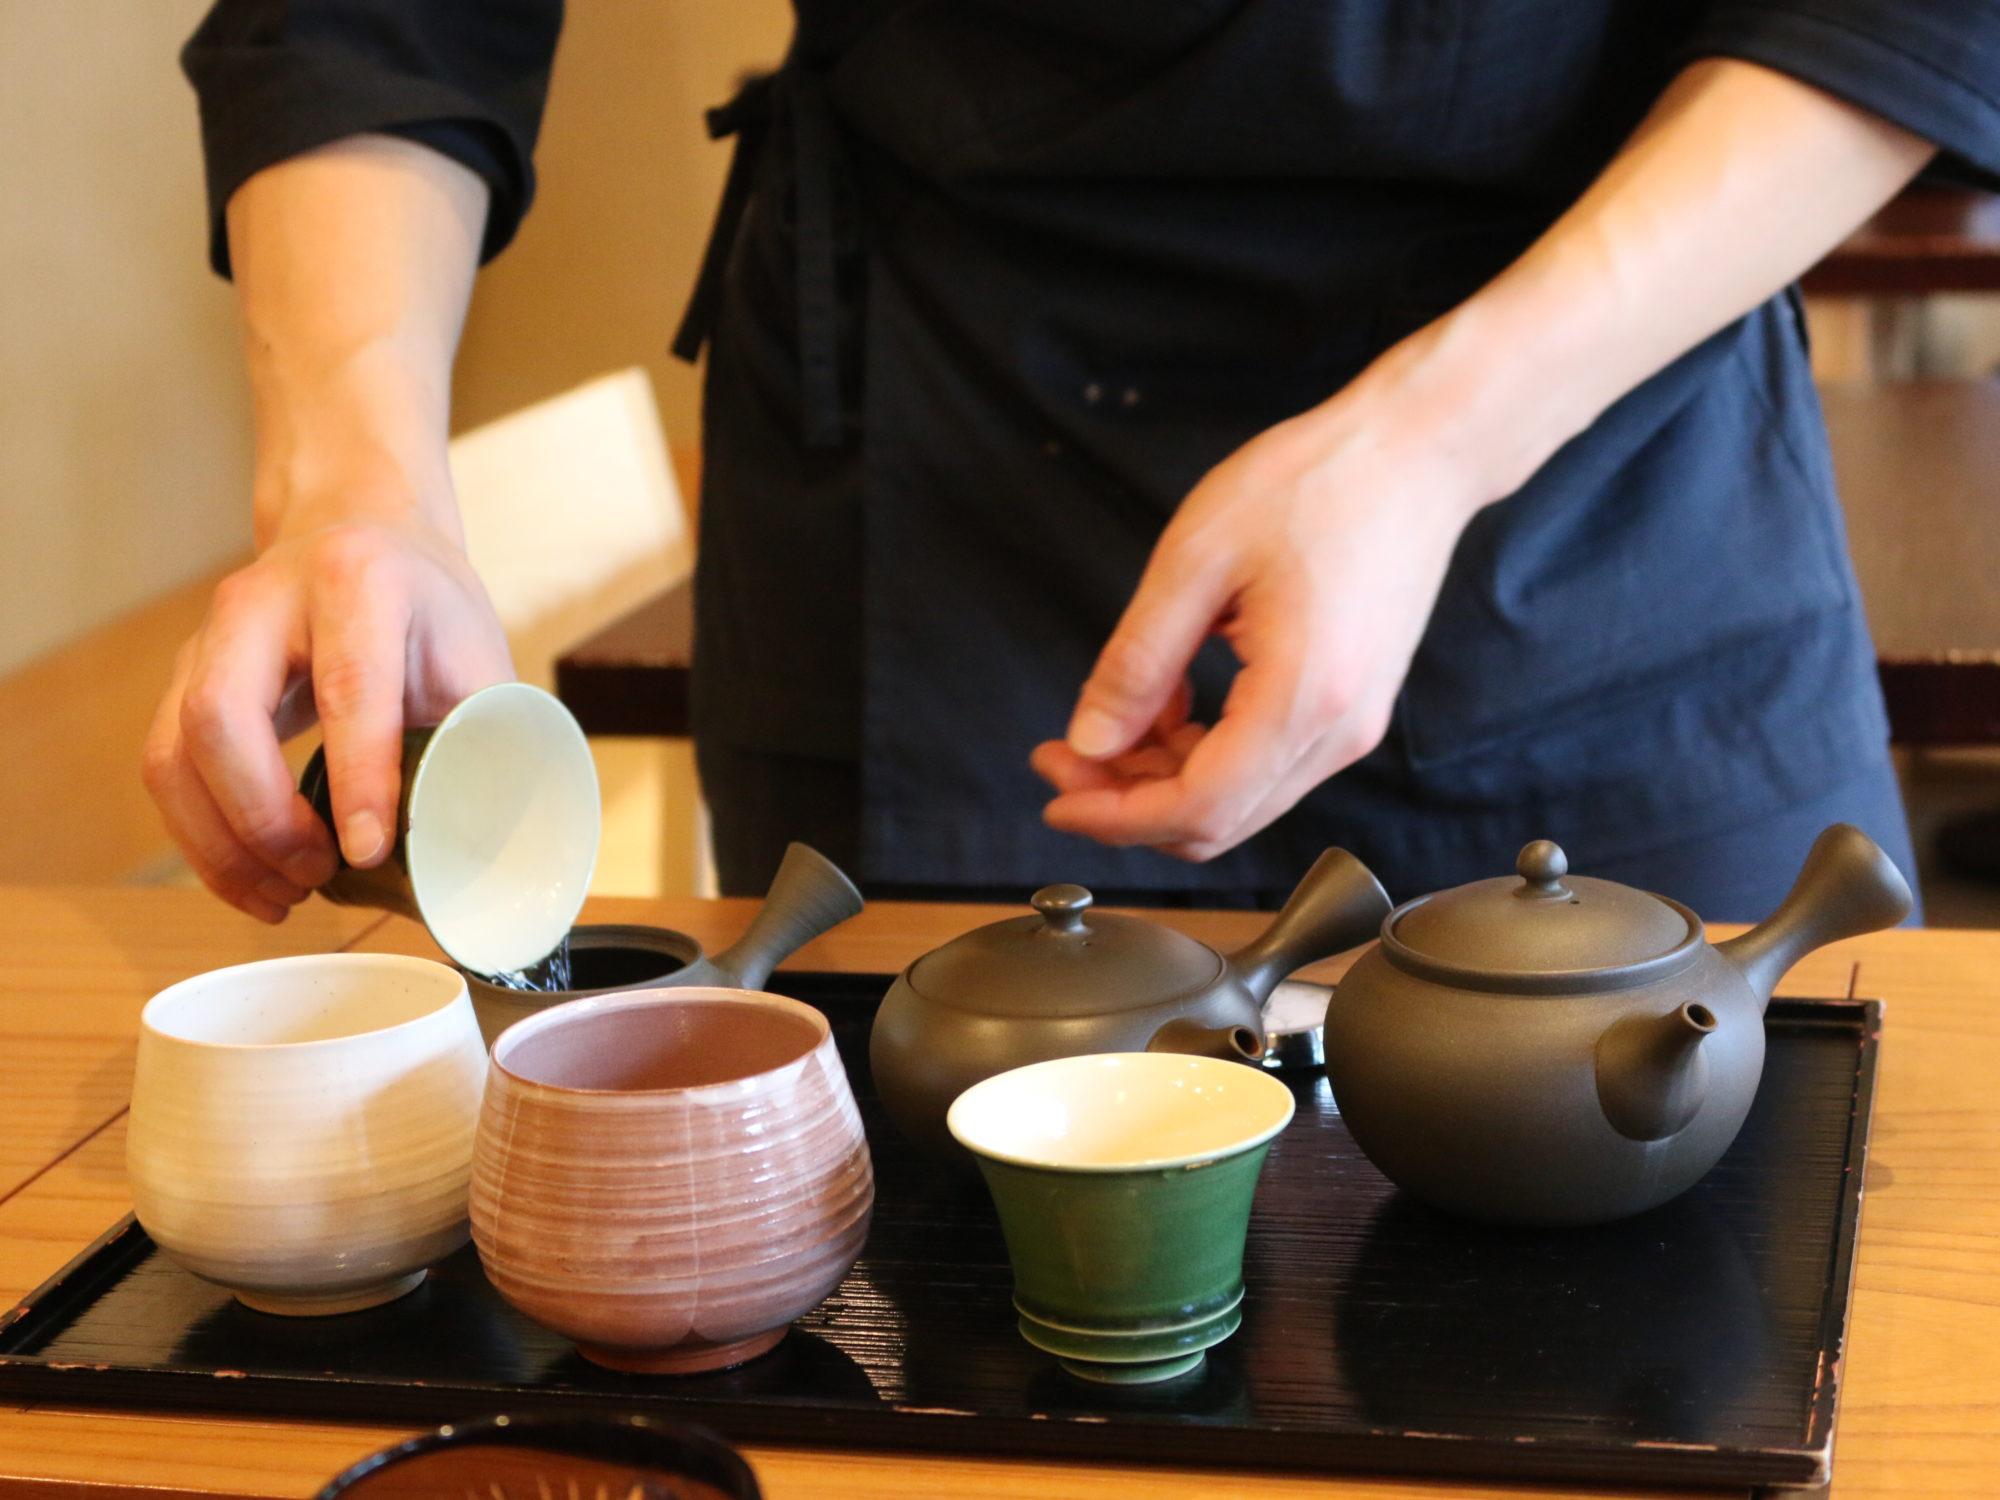 京都嵐山でのランチ〜茶三楽でお茶漬けを楽しむ〜